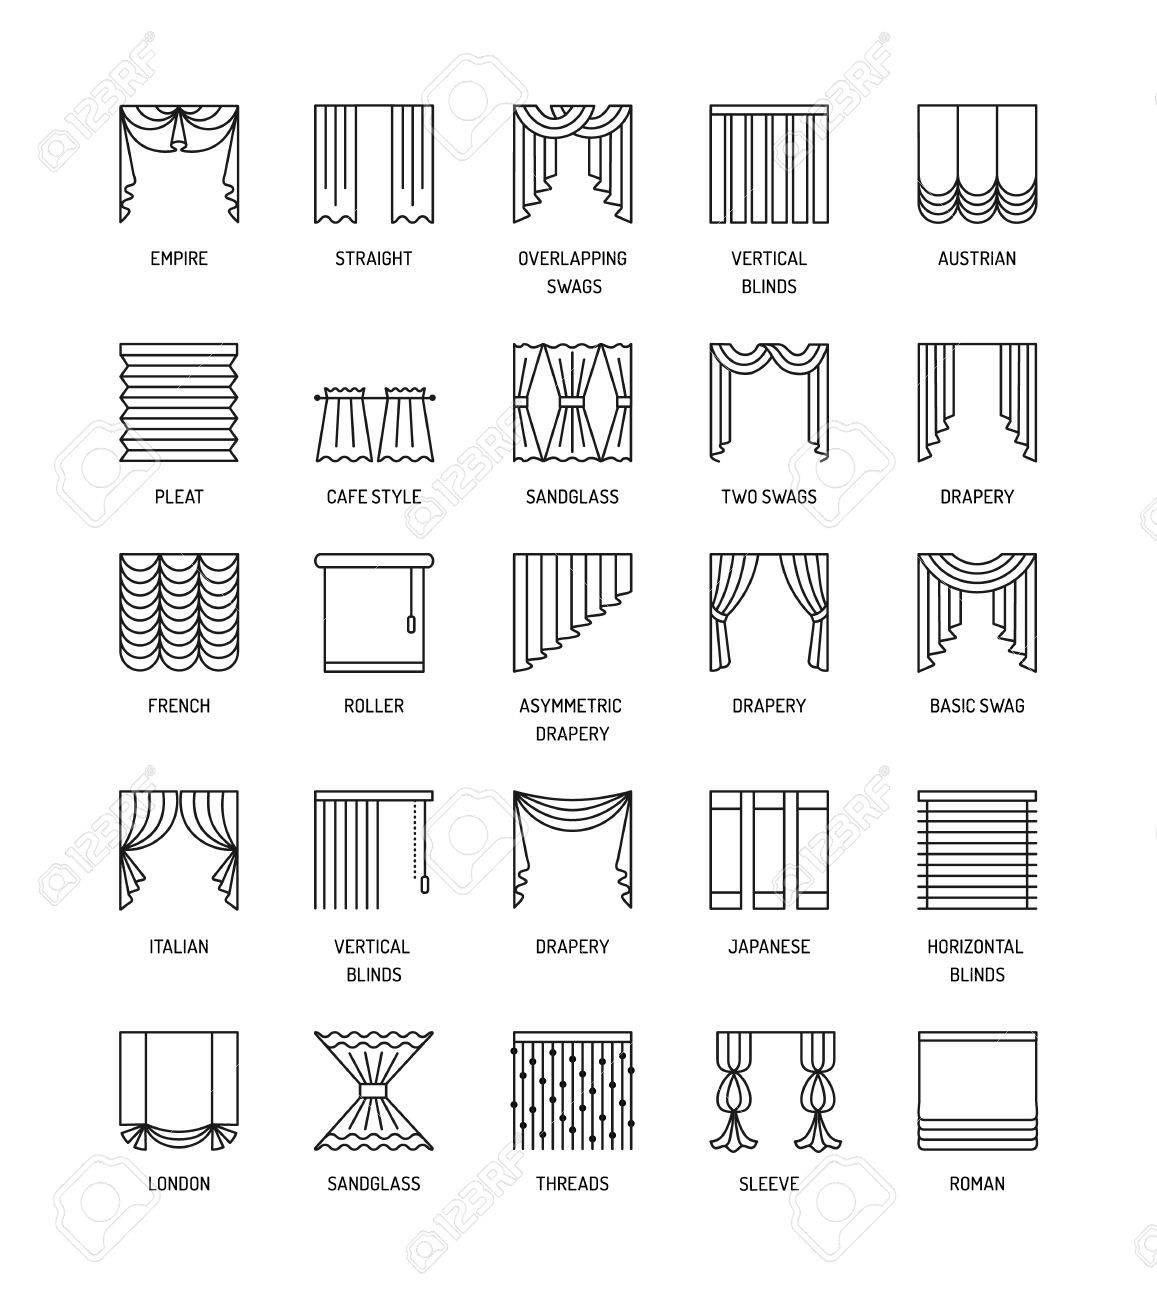 une icones de ligne de vecteur avec des rideaux fenetre couvrant differents styles de draperies rideaux et stores roman francais rouleau pli